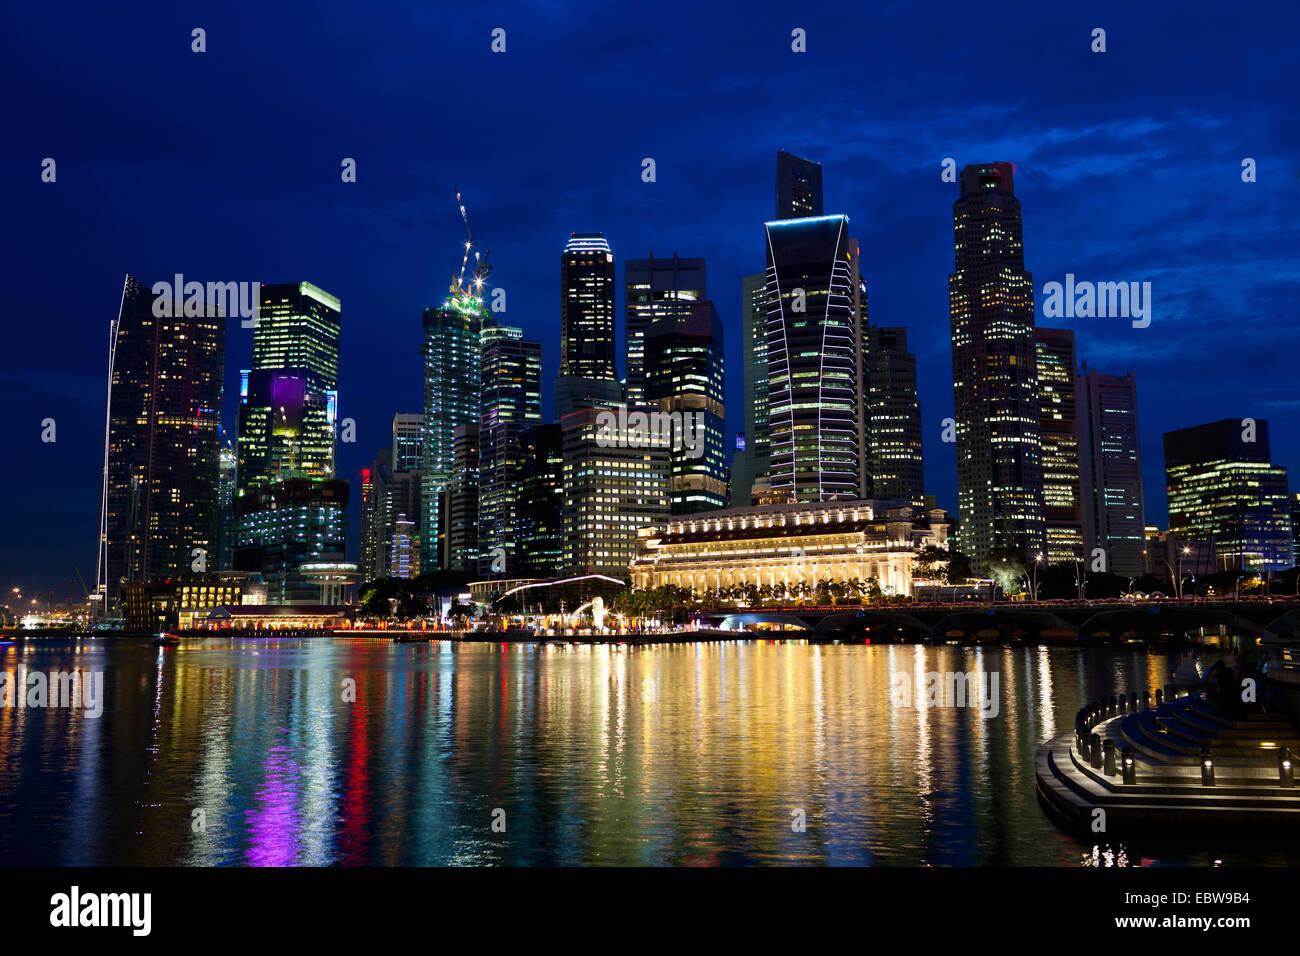 skyline of singapur at night, Singapore, Singapore - Stock Image